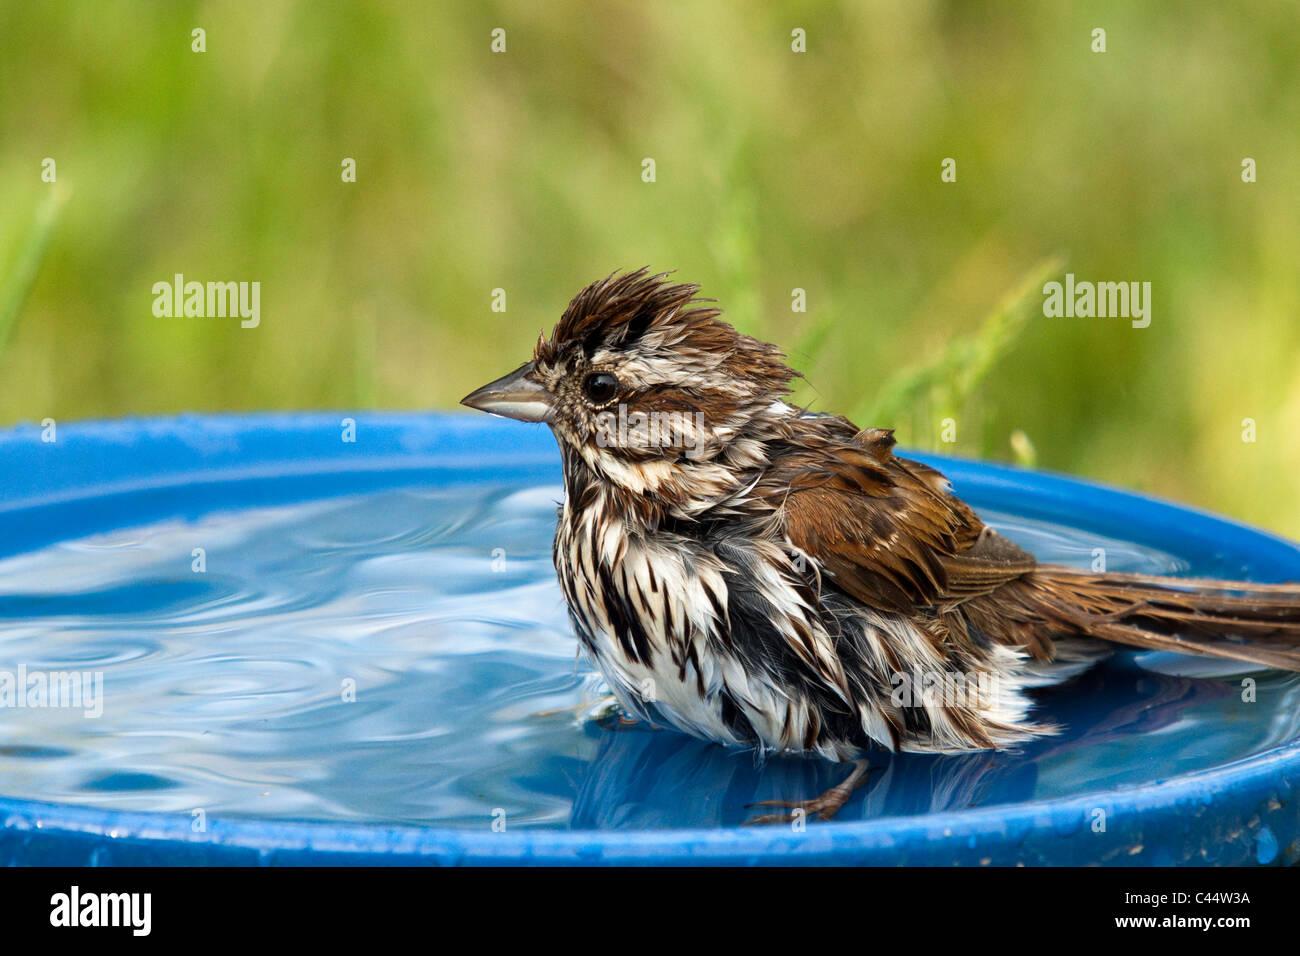 Song sparrow in a bird bath - Stock Image